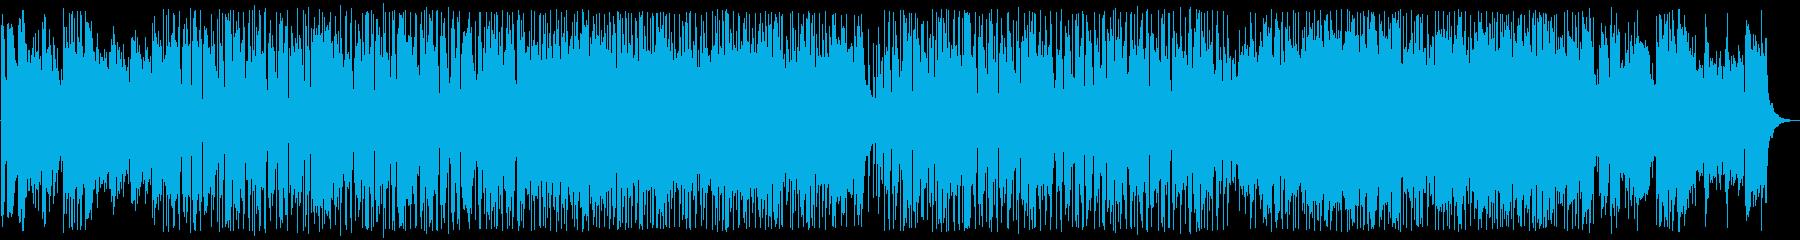 爽やかで涼しげなシンセサウンドの再生済みの波形